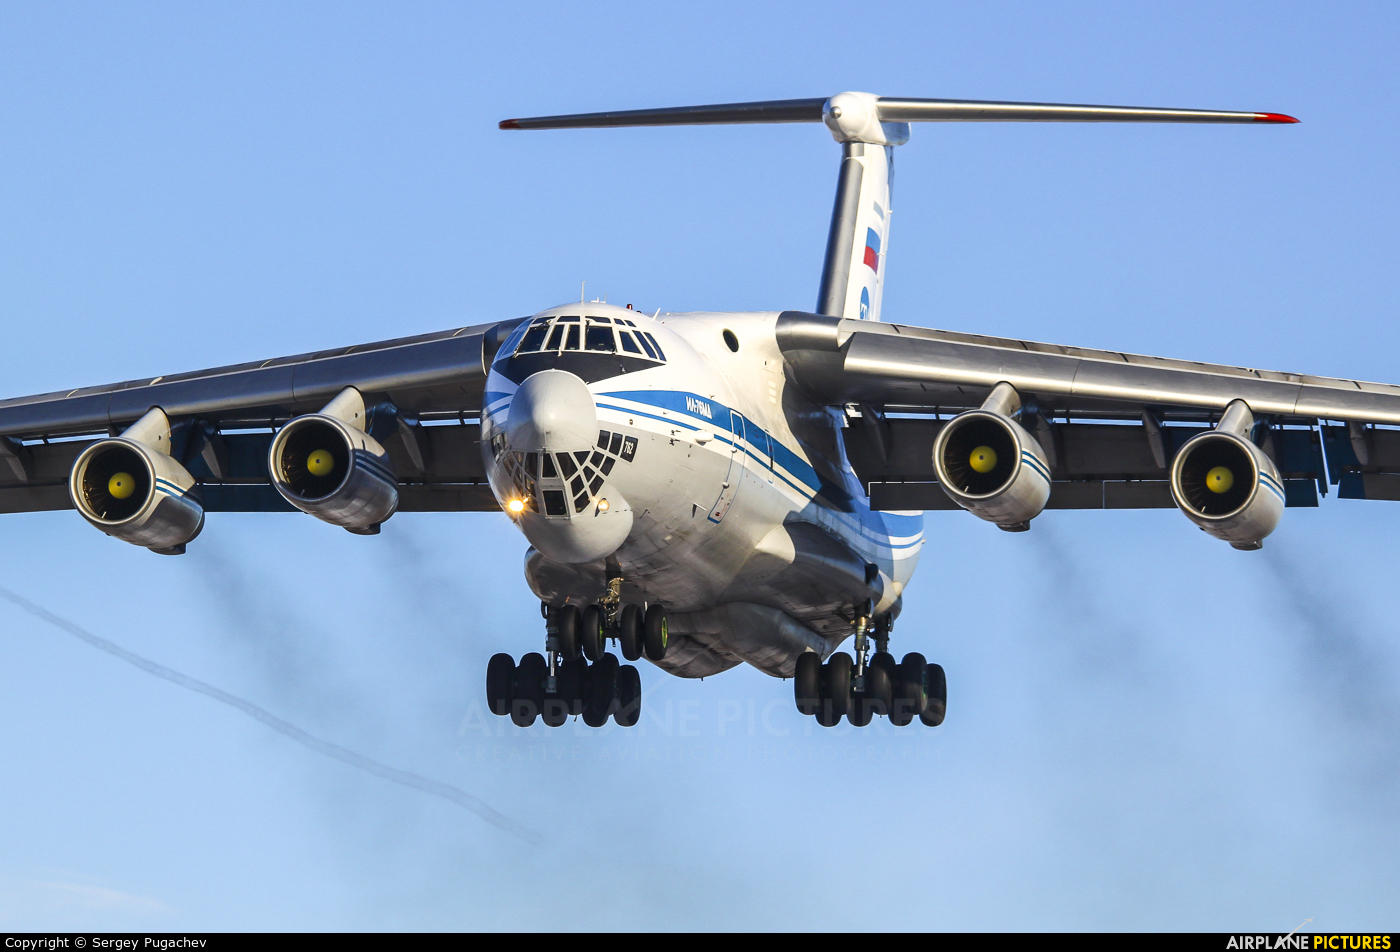 Russia - Air Force RA-78762 aircraft at Voronezh / Pridacha